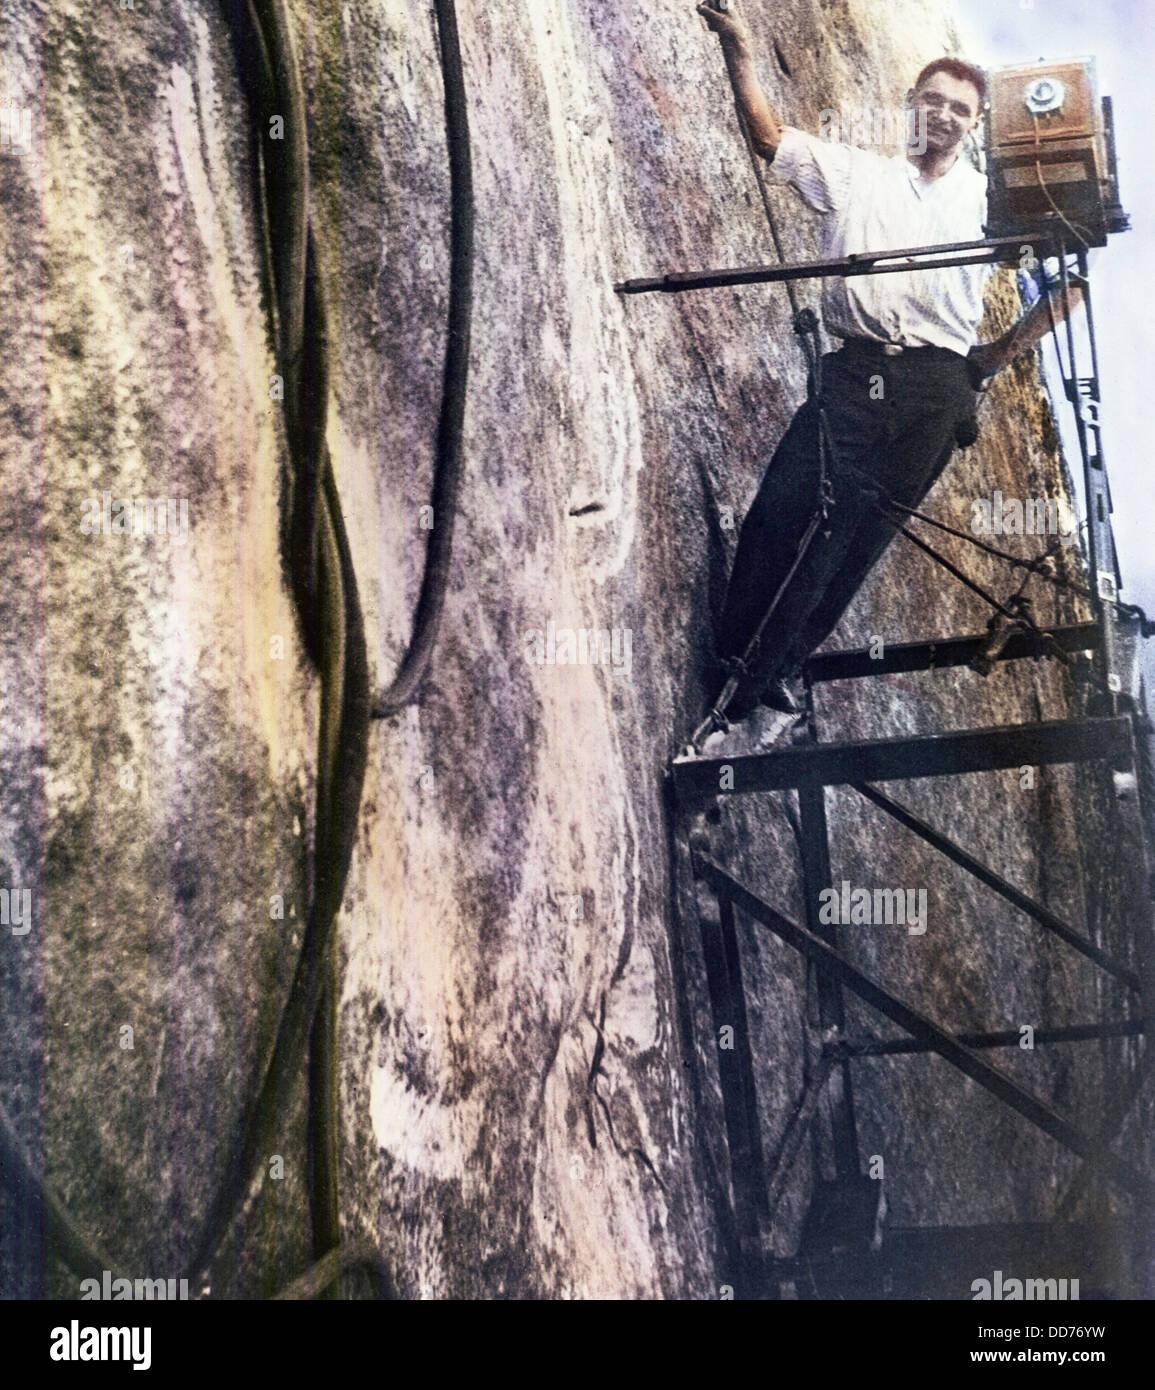 Fotograf Charles d'Emery am Mt. Rushmore. Er dokumentiert den Fortschritt des Schnitzens für über Stockbild